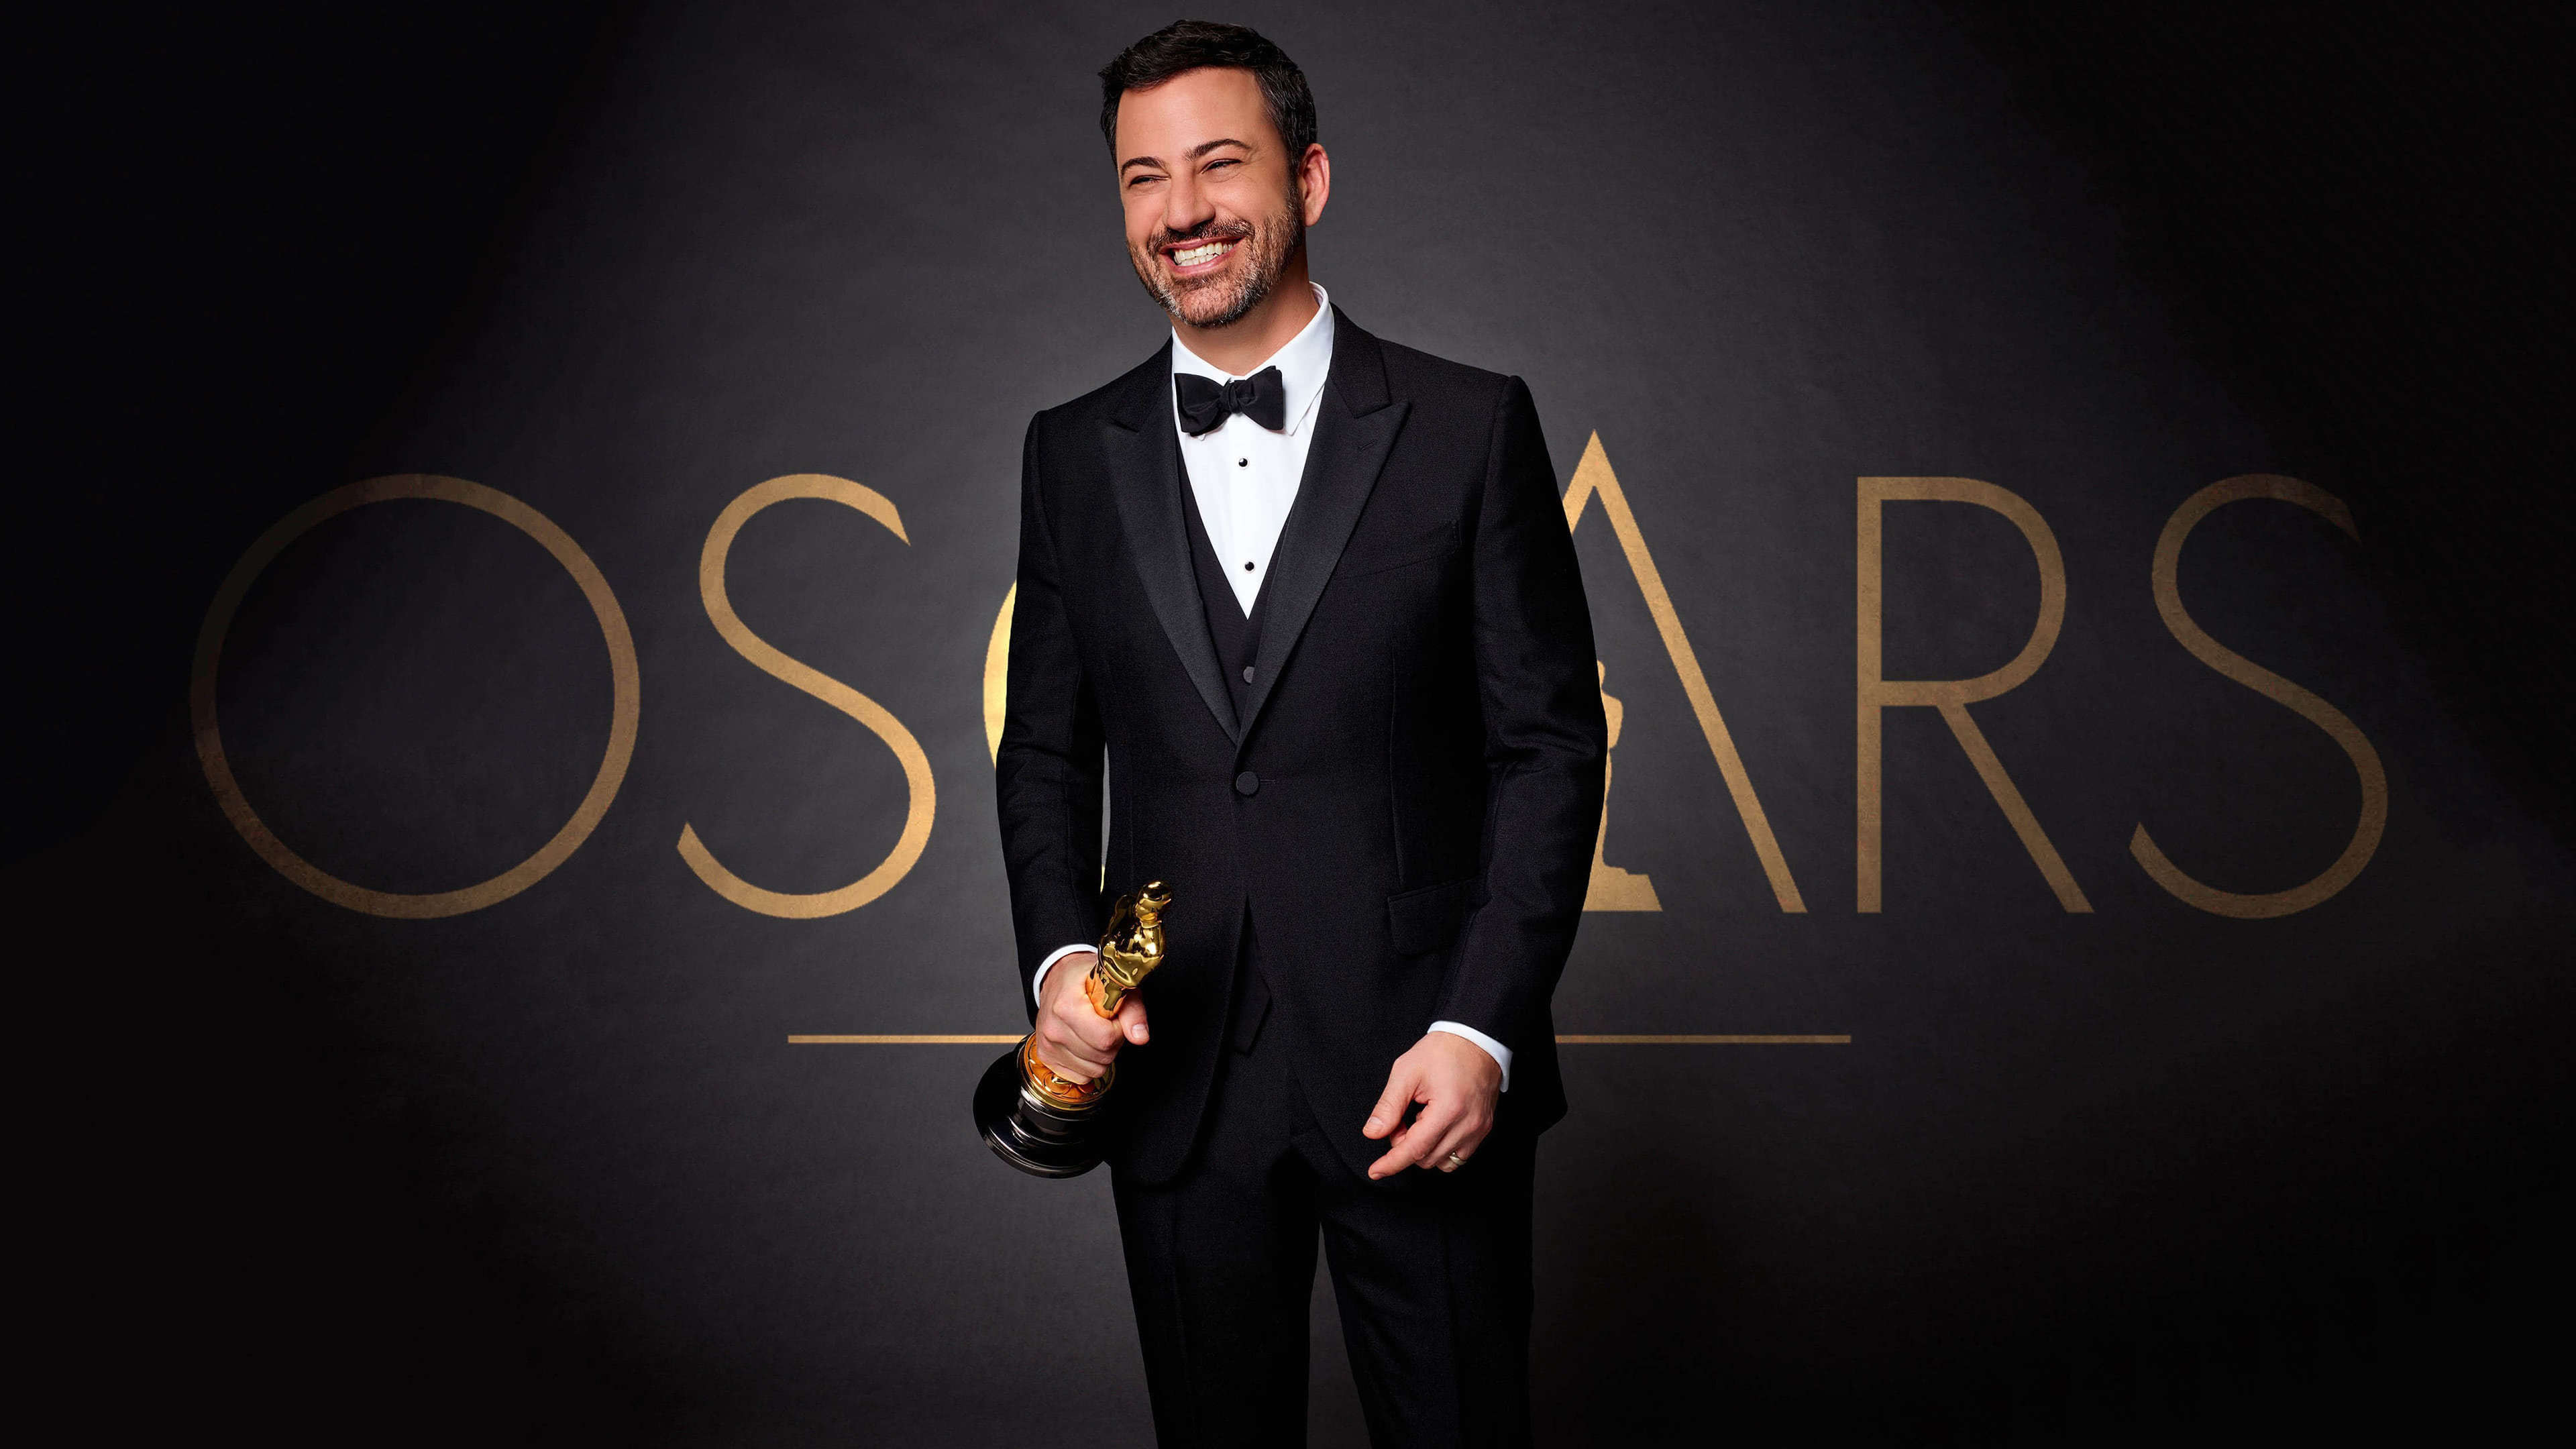 Jimmy Kimmel Oscars UHD 4K Wallpaper Pixelz 3840x2160